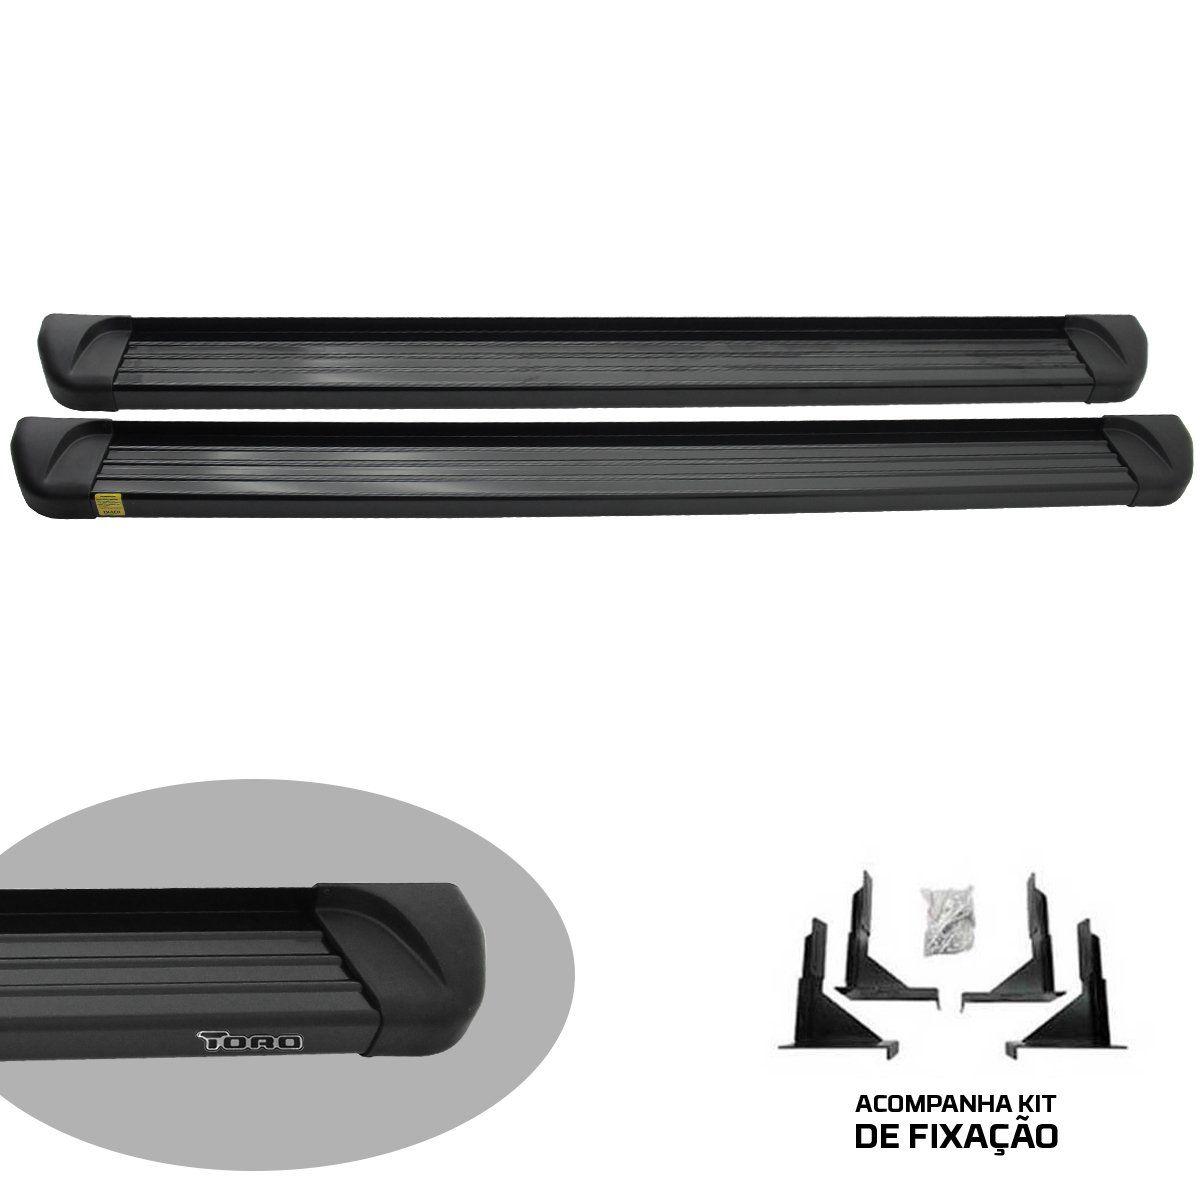 Estribo plataforma alumínio preto Fiat Toro 2017 a 2021